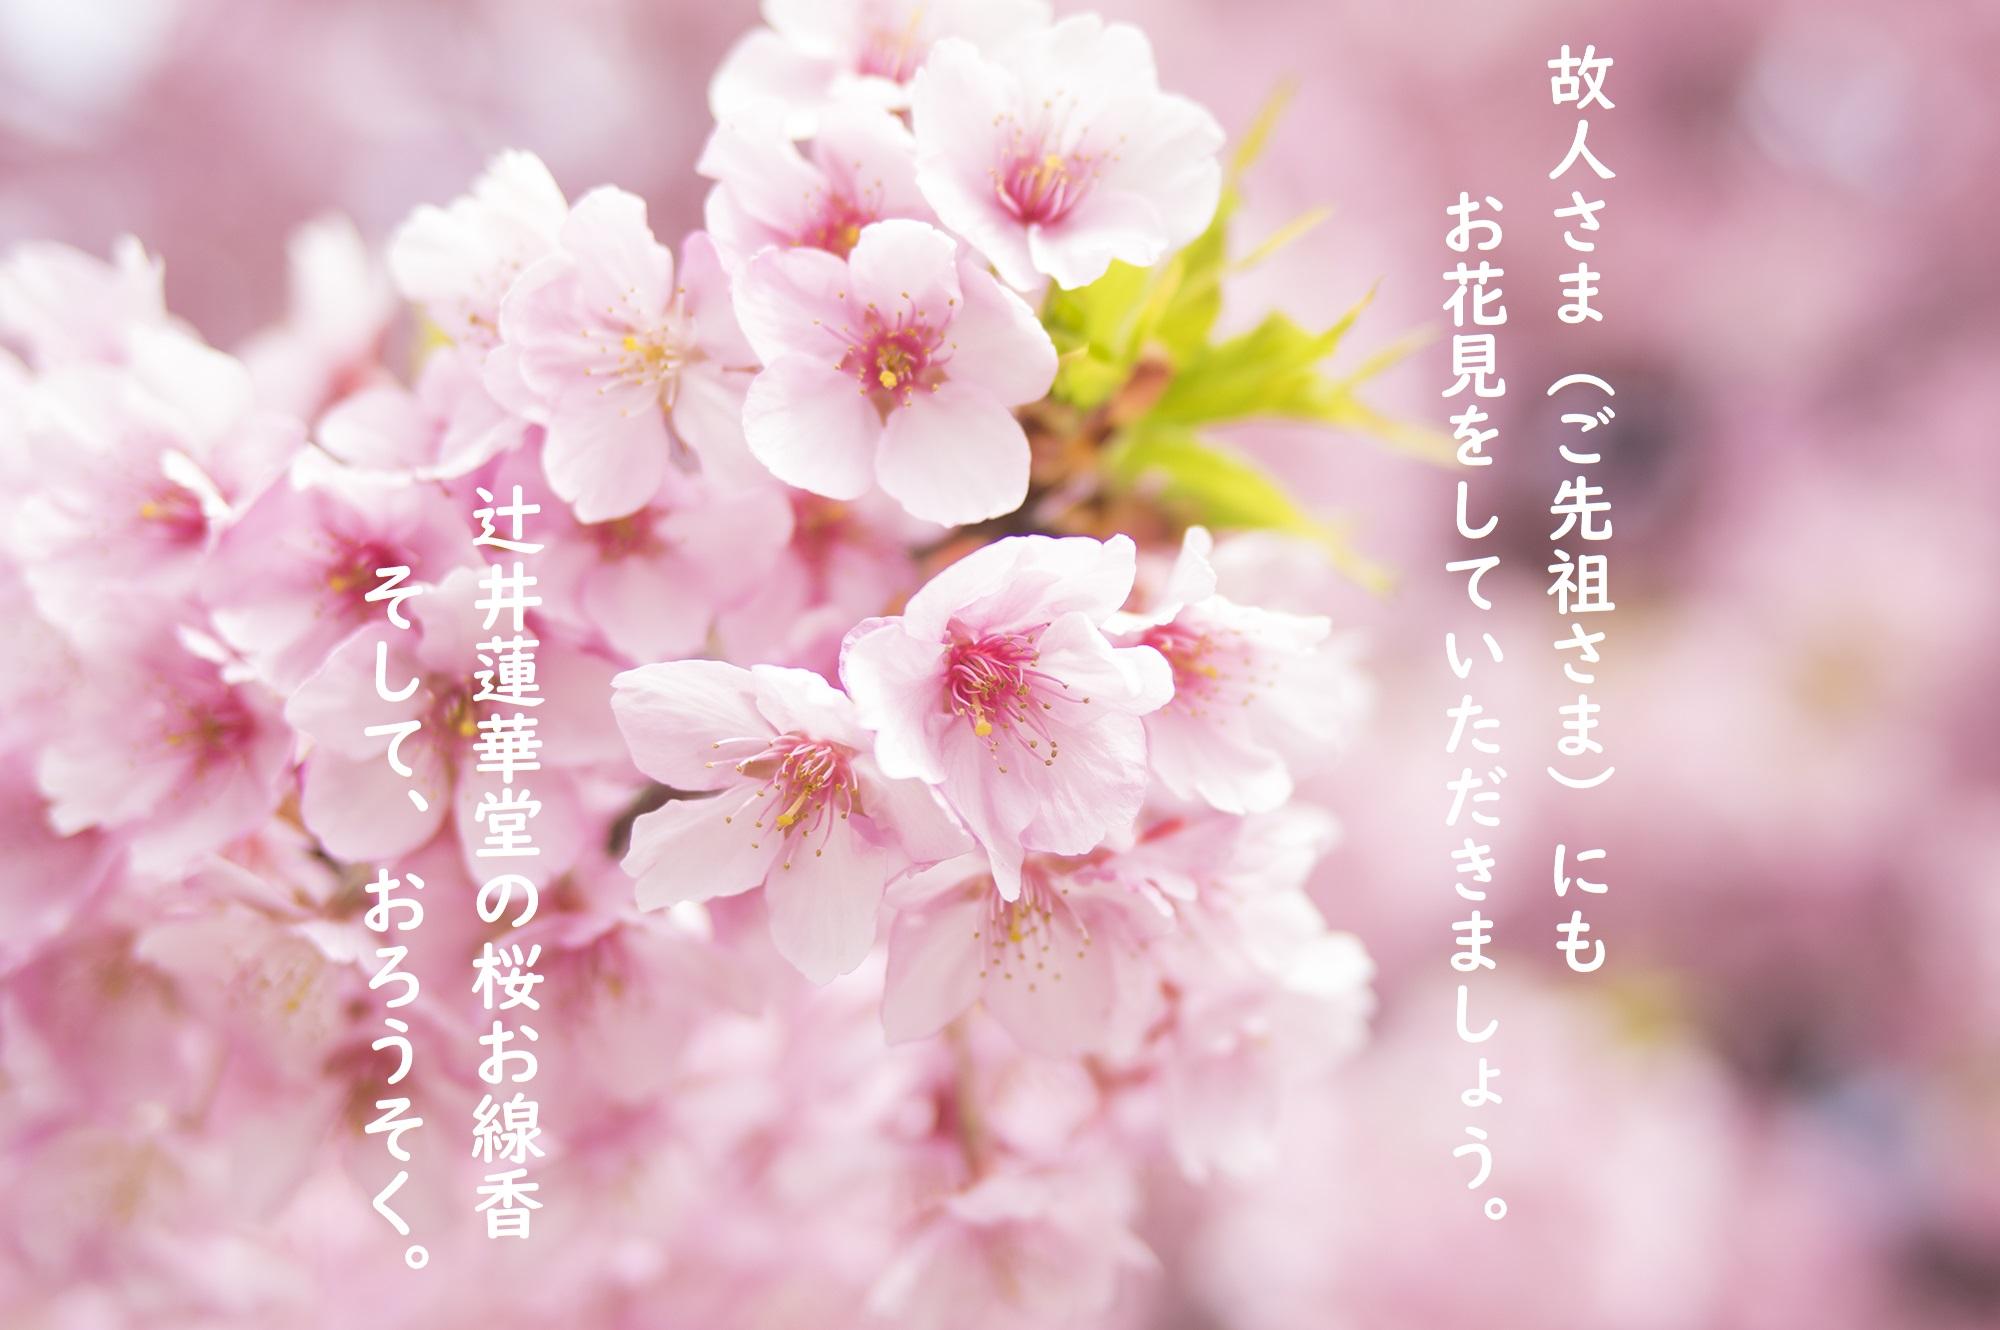 春を感じるお品のご紹介です。